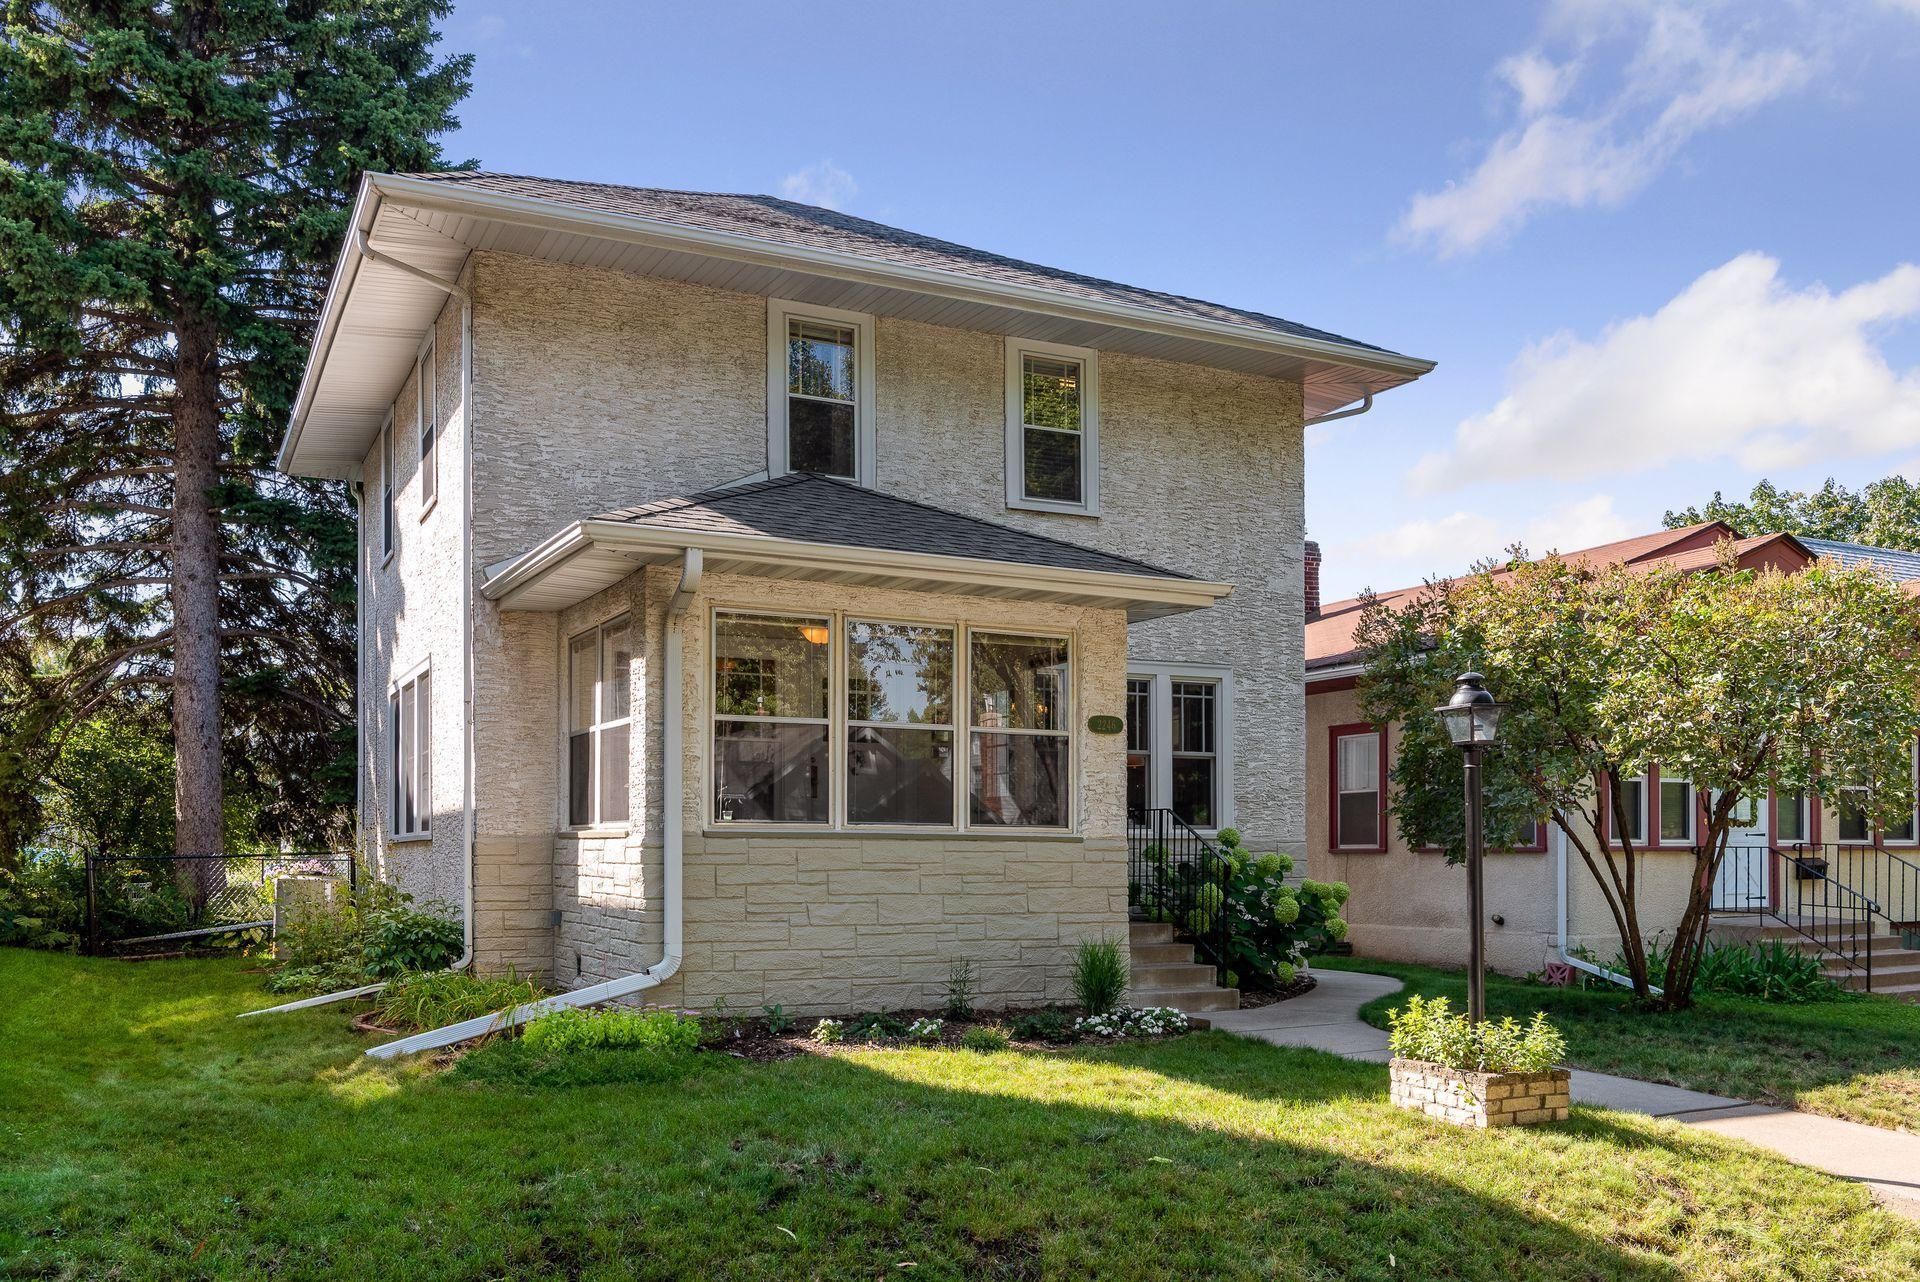 2246 Mckinley Street NE Property Photo - Minneapolis, MN real estate listing